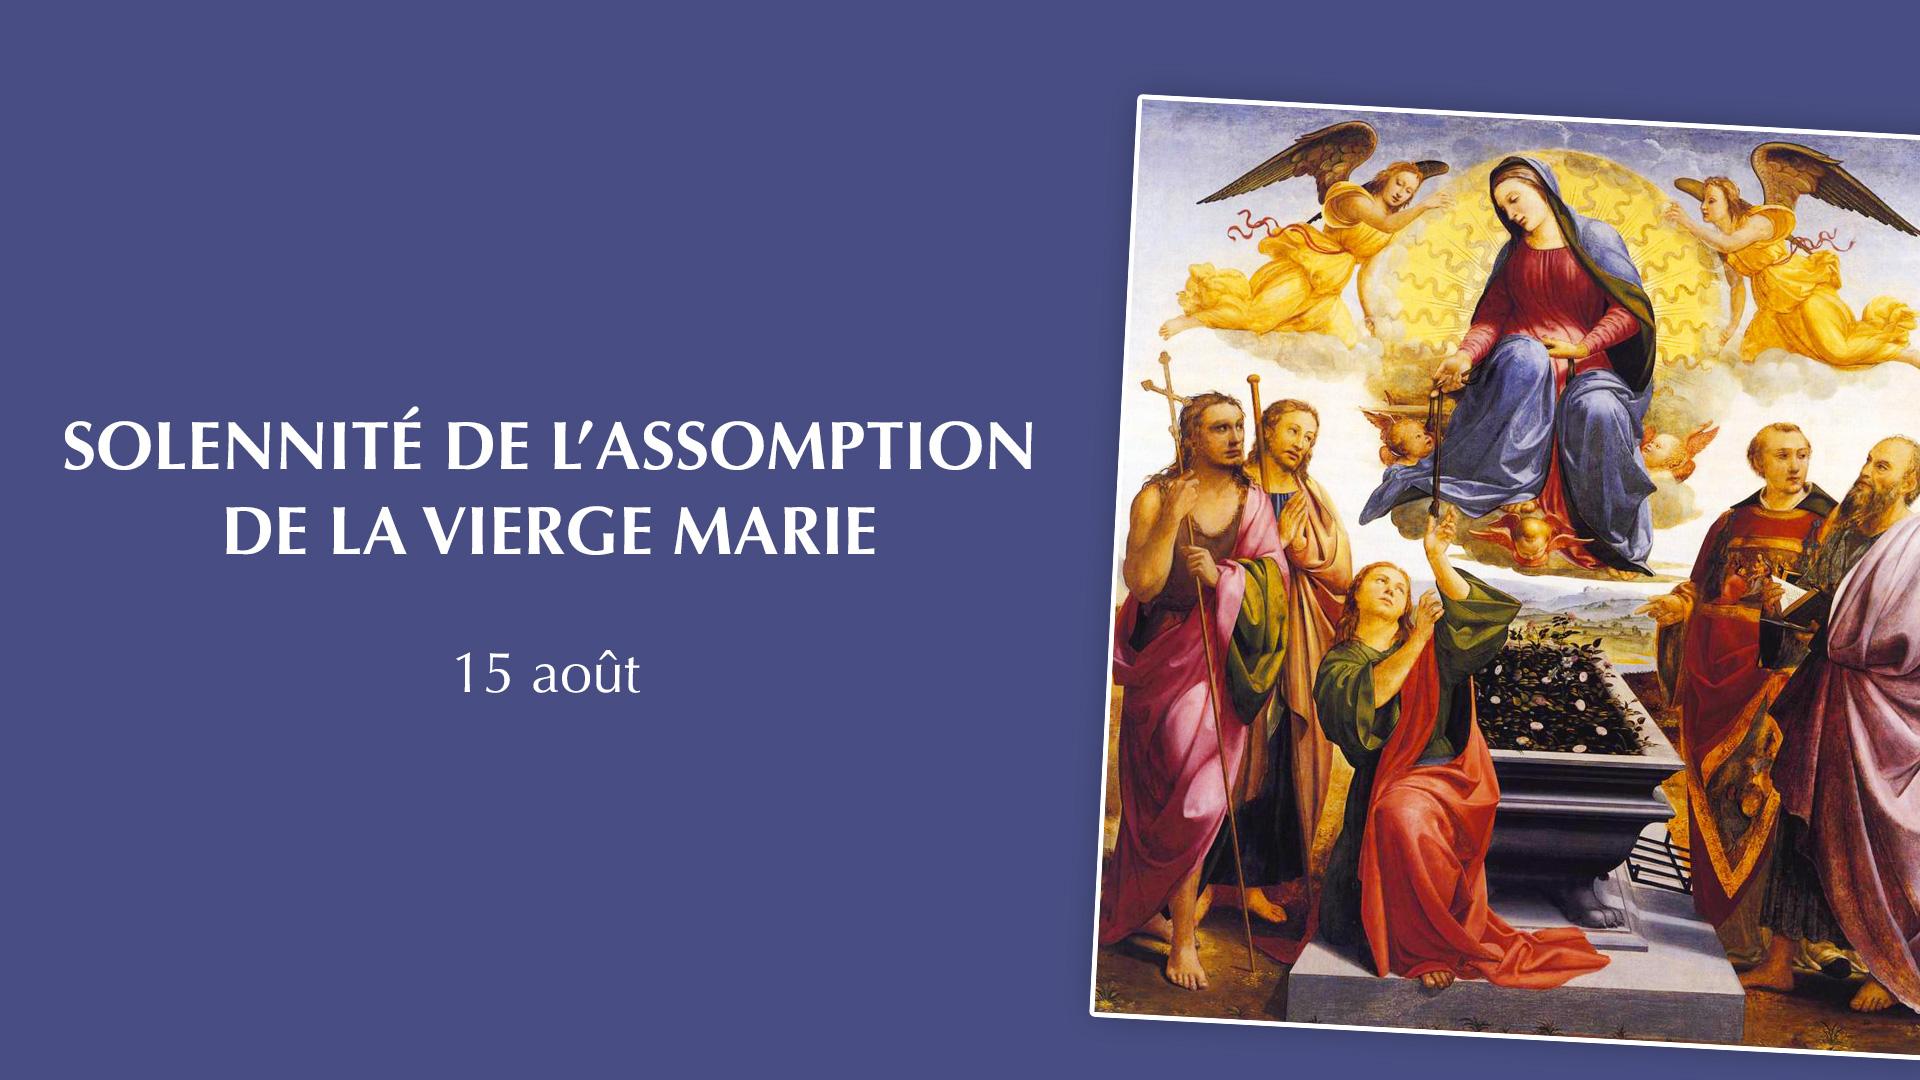 Solennité de l'Assomption de la Vierge Marie le 15 août 2018 au sanctuaire d'Alençon (61)